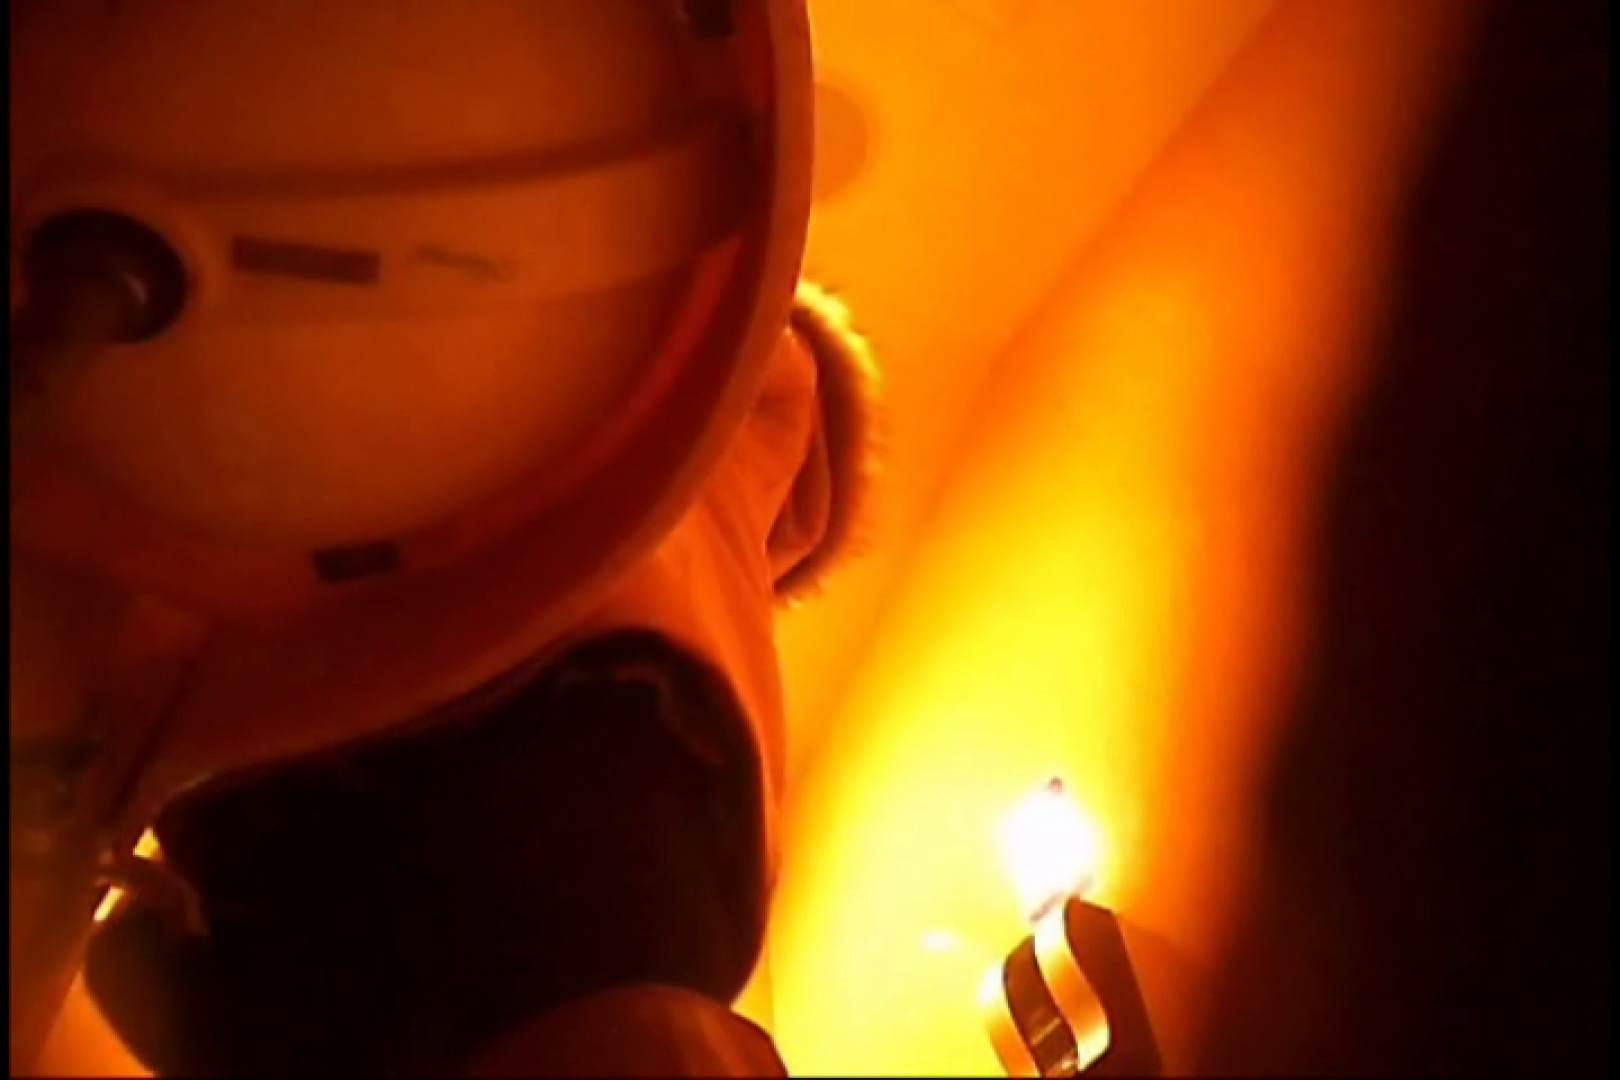 潜入!!女子化粧室盗撮~絶対見られたくない時間~vo,12 お尻 盗撮オマンコ無修正動画無料 91PICs 69